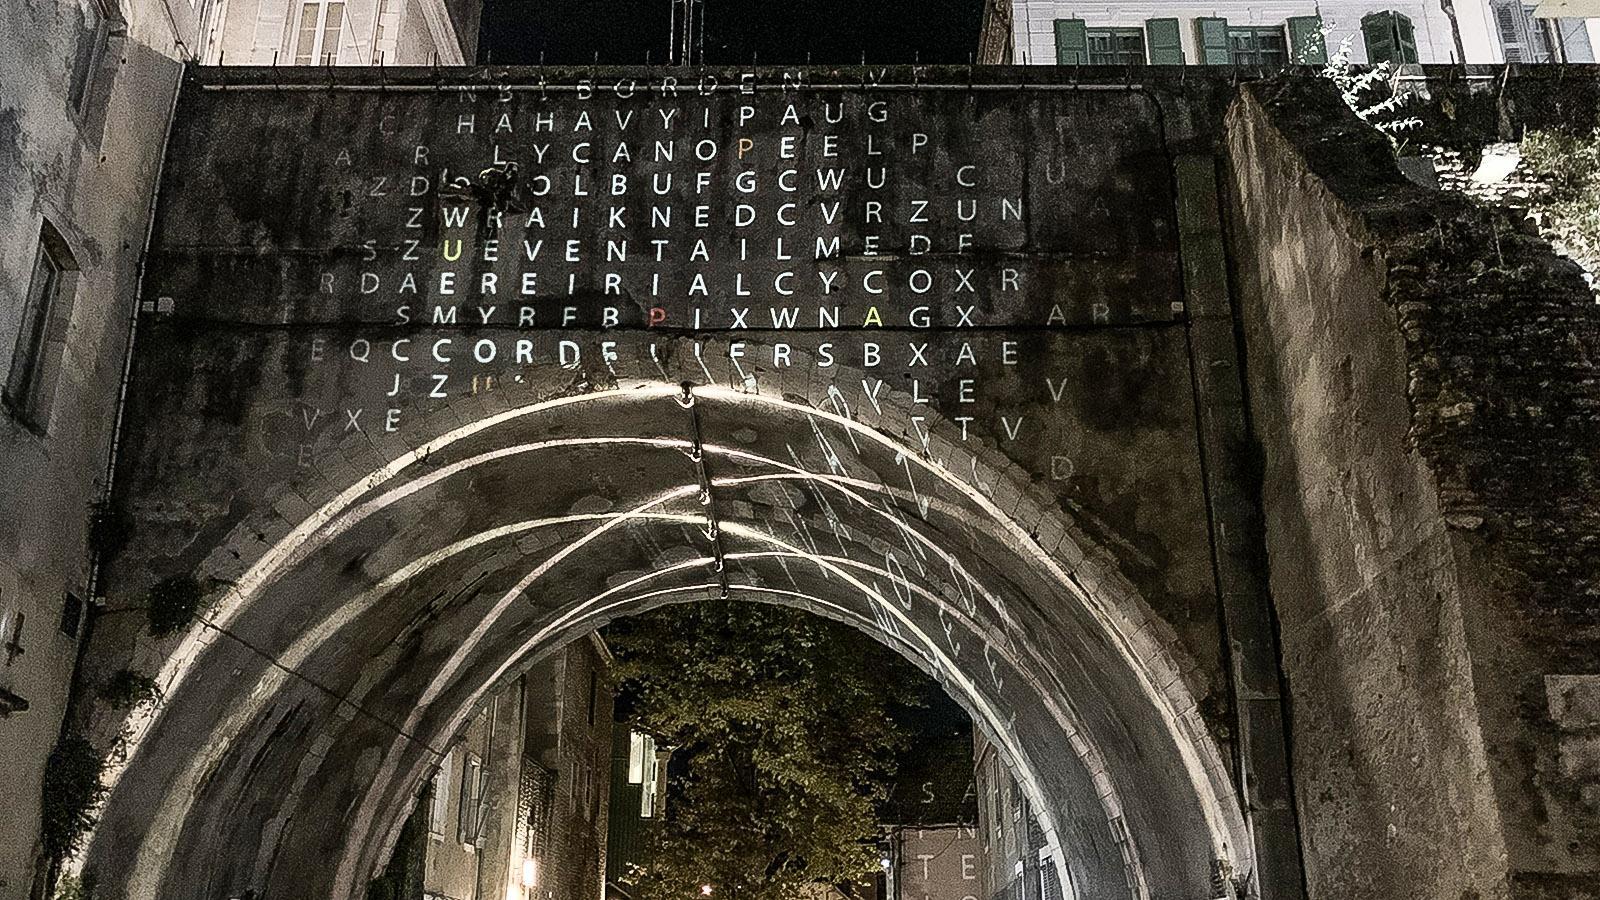 Pau. Allabendlich – die Illumination des Hédas. Foto: Hilke Maunder